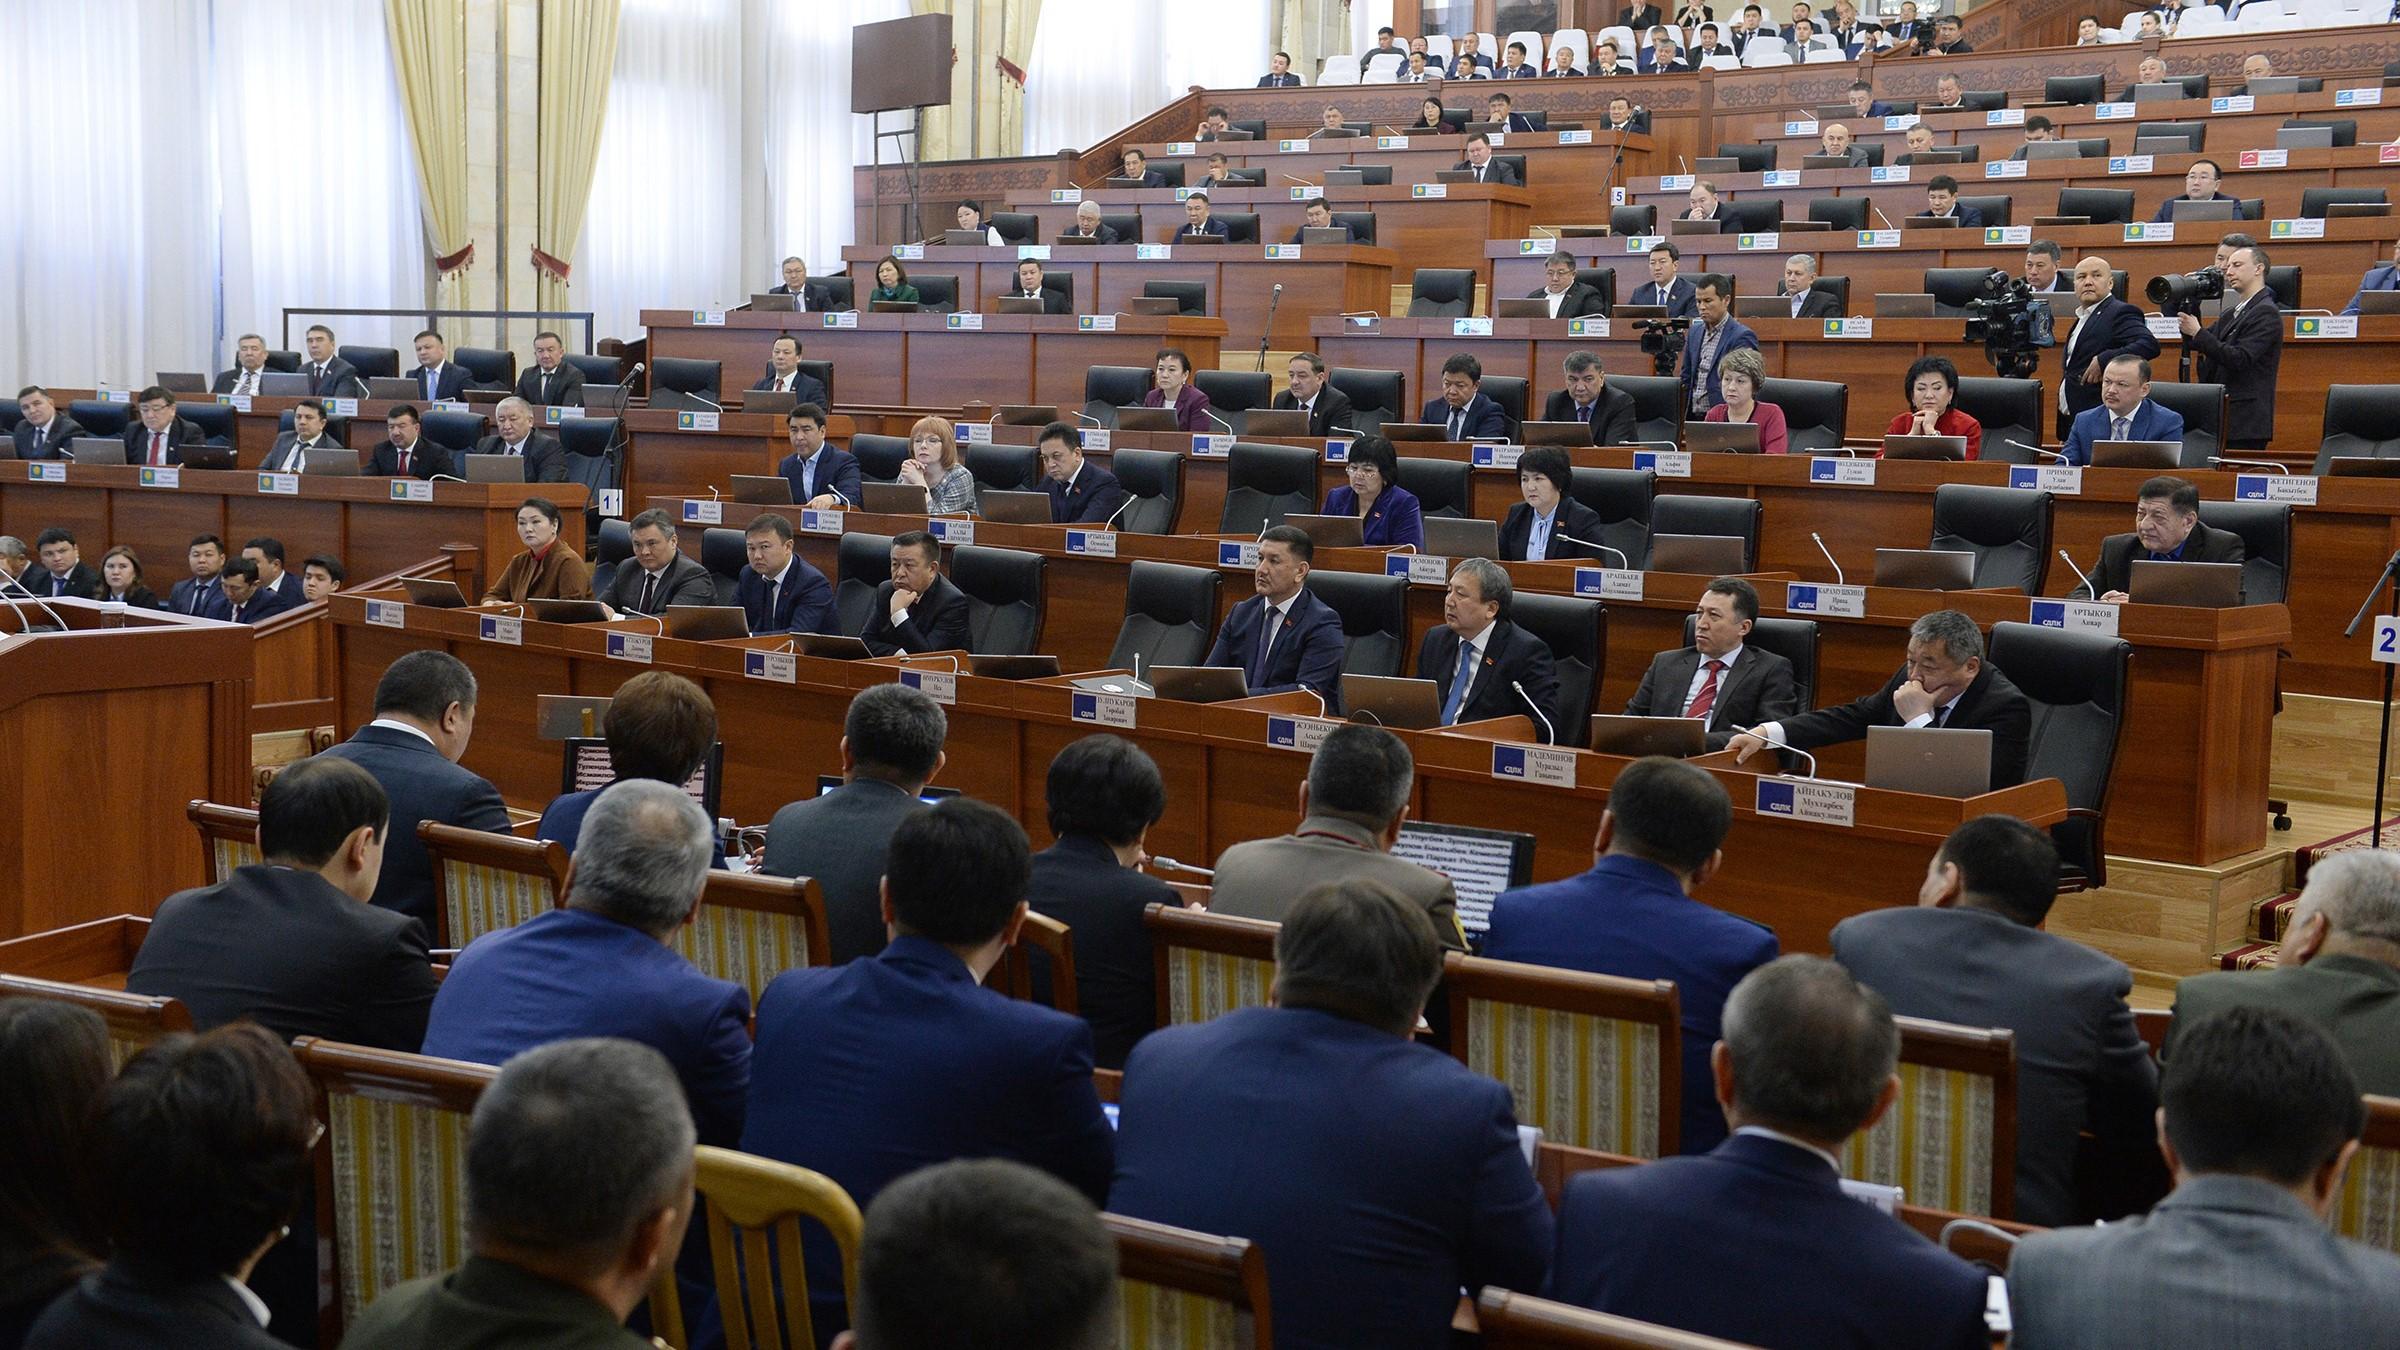 Парламент одобрил в третьем чтении законопроект, ограничивающий деятельность НКО. Последнее слово за президентом